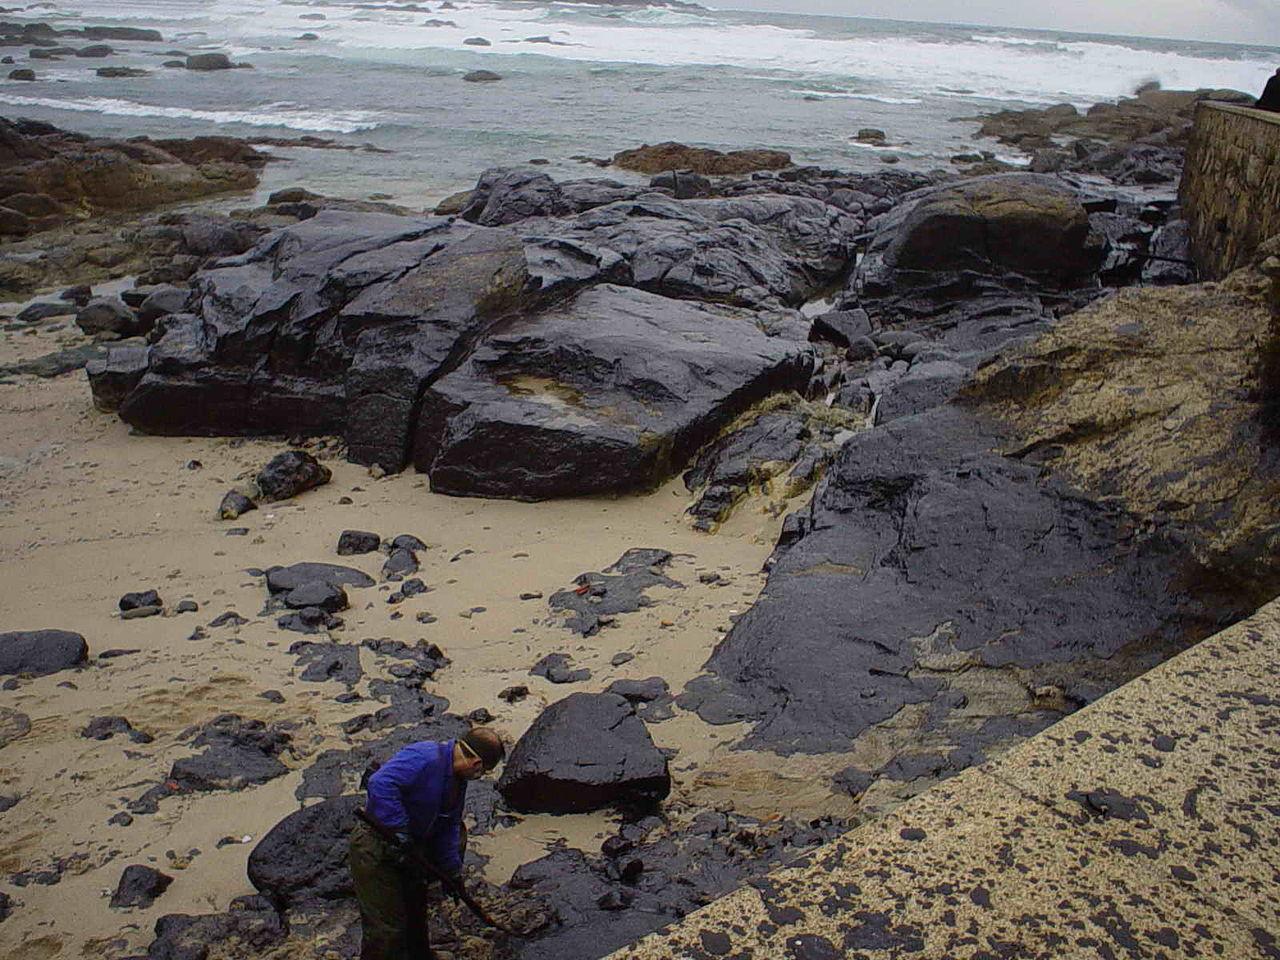 """Voluntario limpando la marea negra del petrolero """"Prestige"""" en Mugía"""